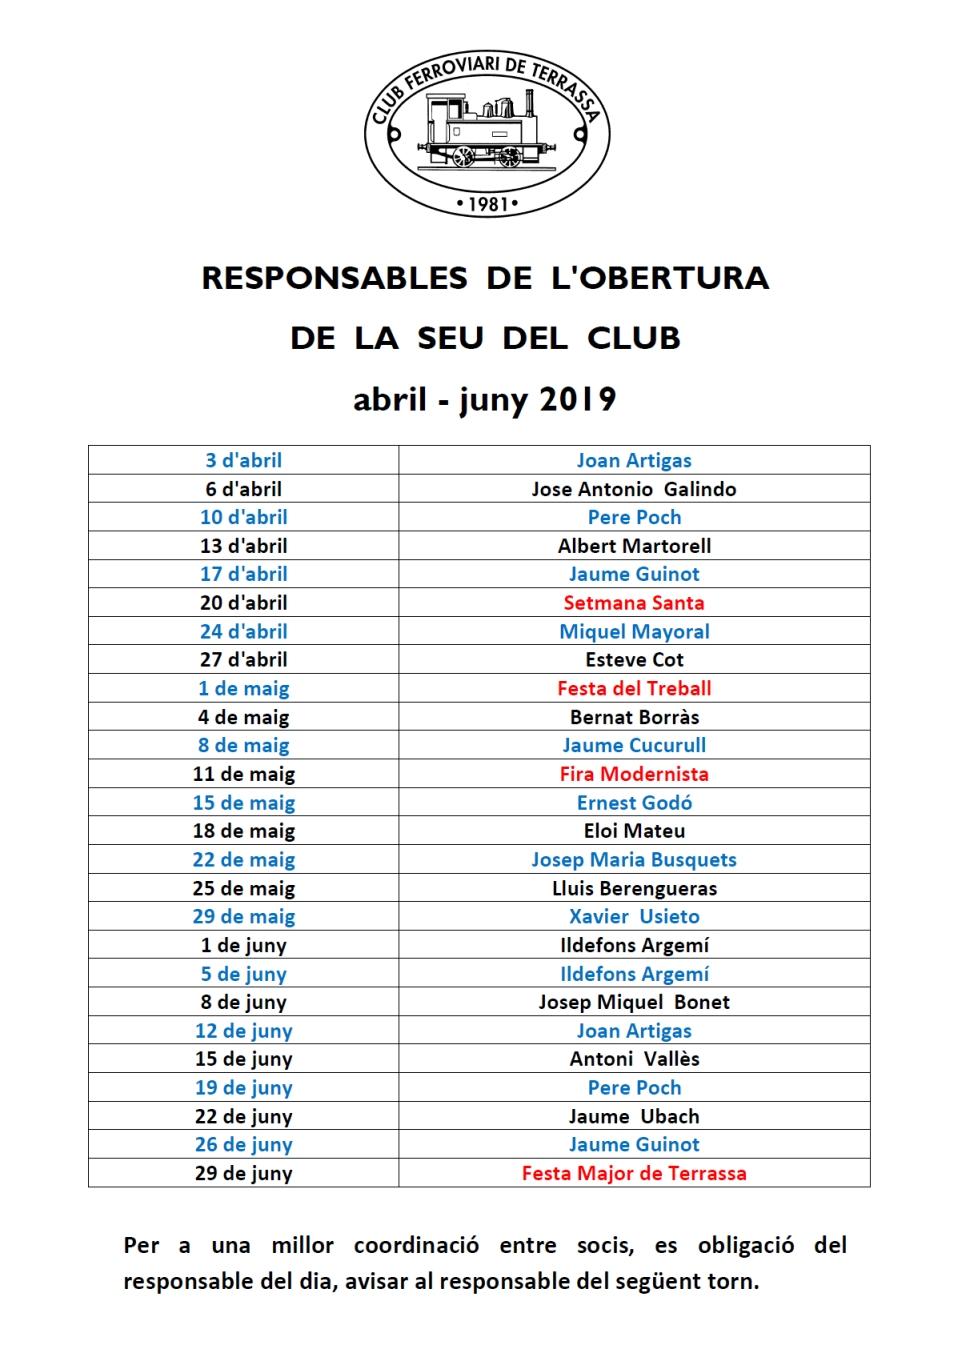 Responsables de l'obertura de la seu social del Club Ferroviari de Terrassa. Abril – Juny 2019